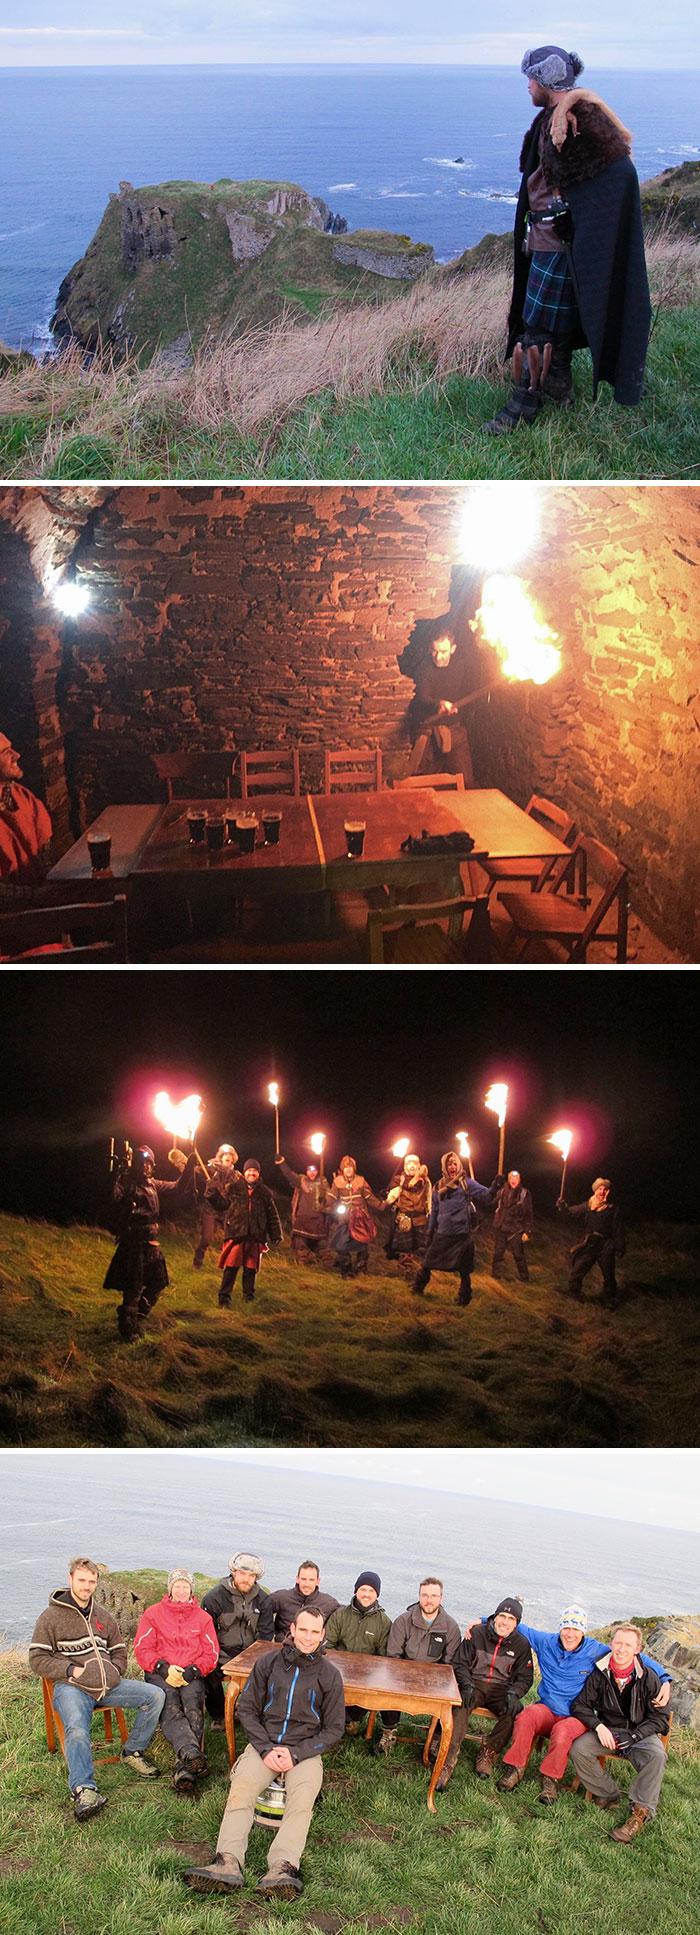 Mis locos amigos escoceses organizaron una despedida de soltero sorpresa a su amigo. Un festín vikingo en un castillo escocés en ruinas